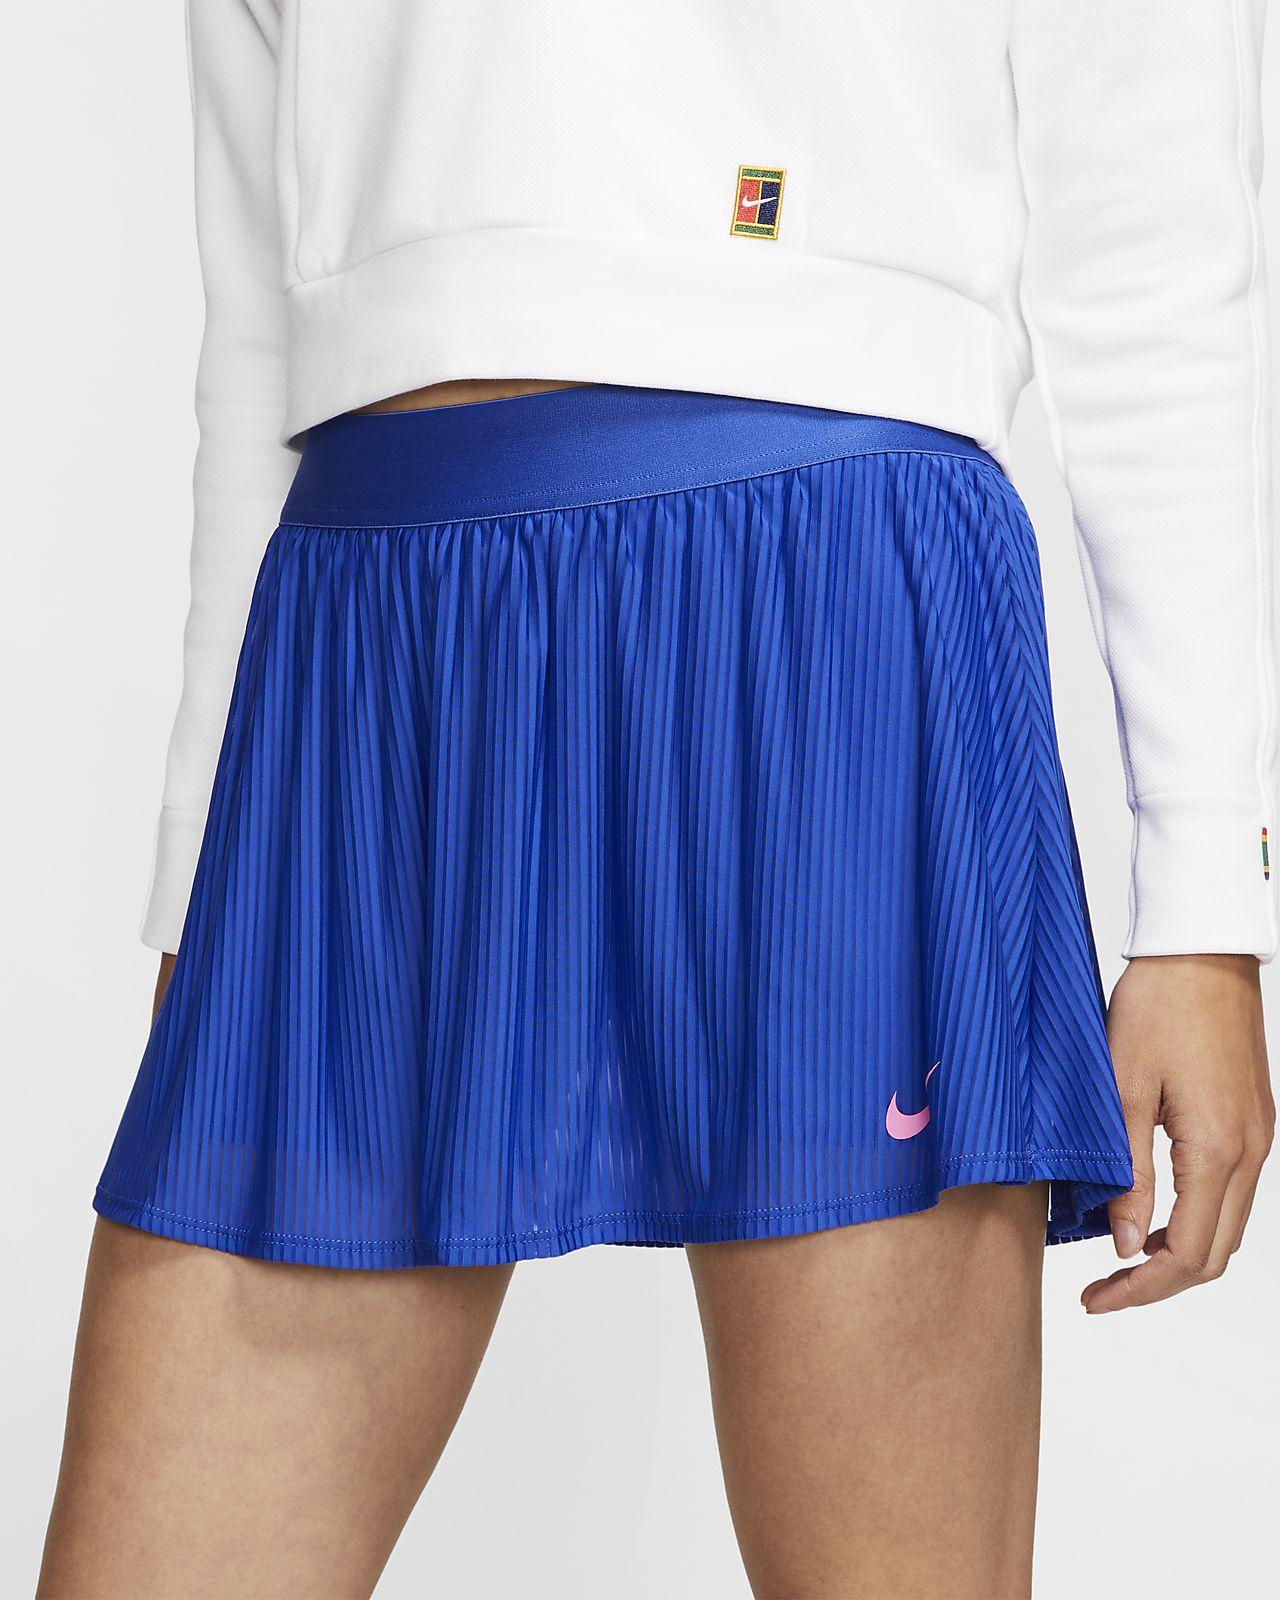 Maria Women's Tennis Skirt